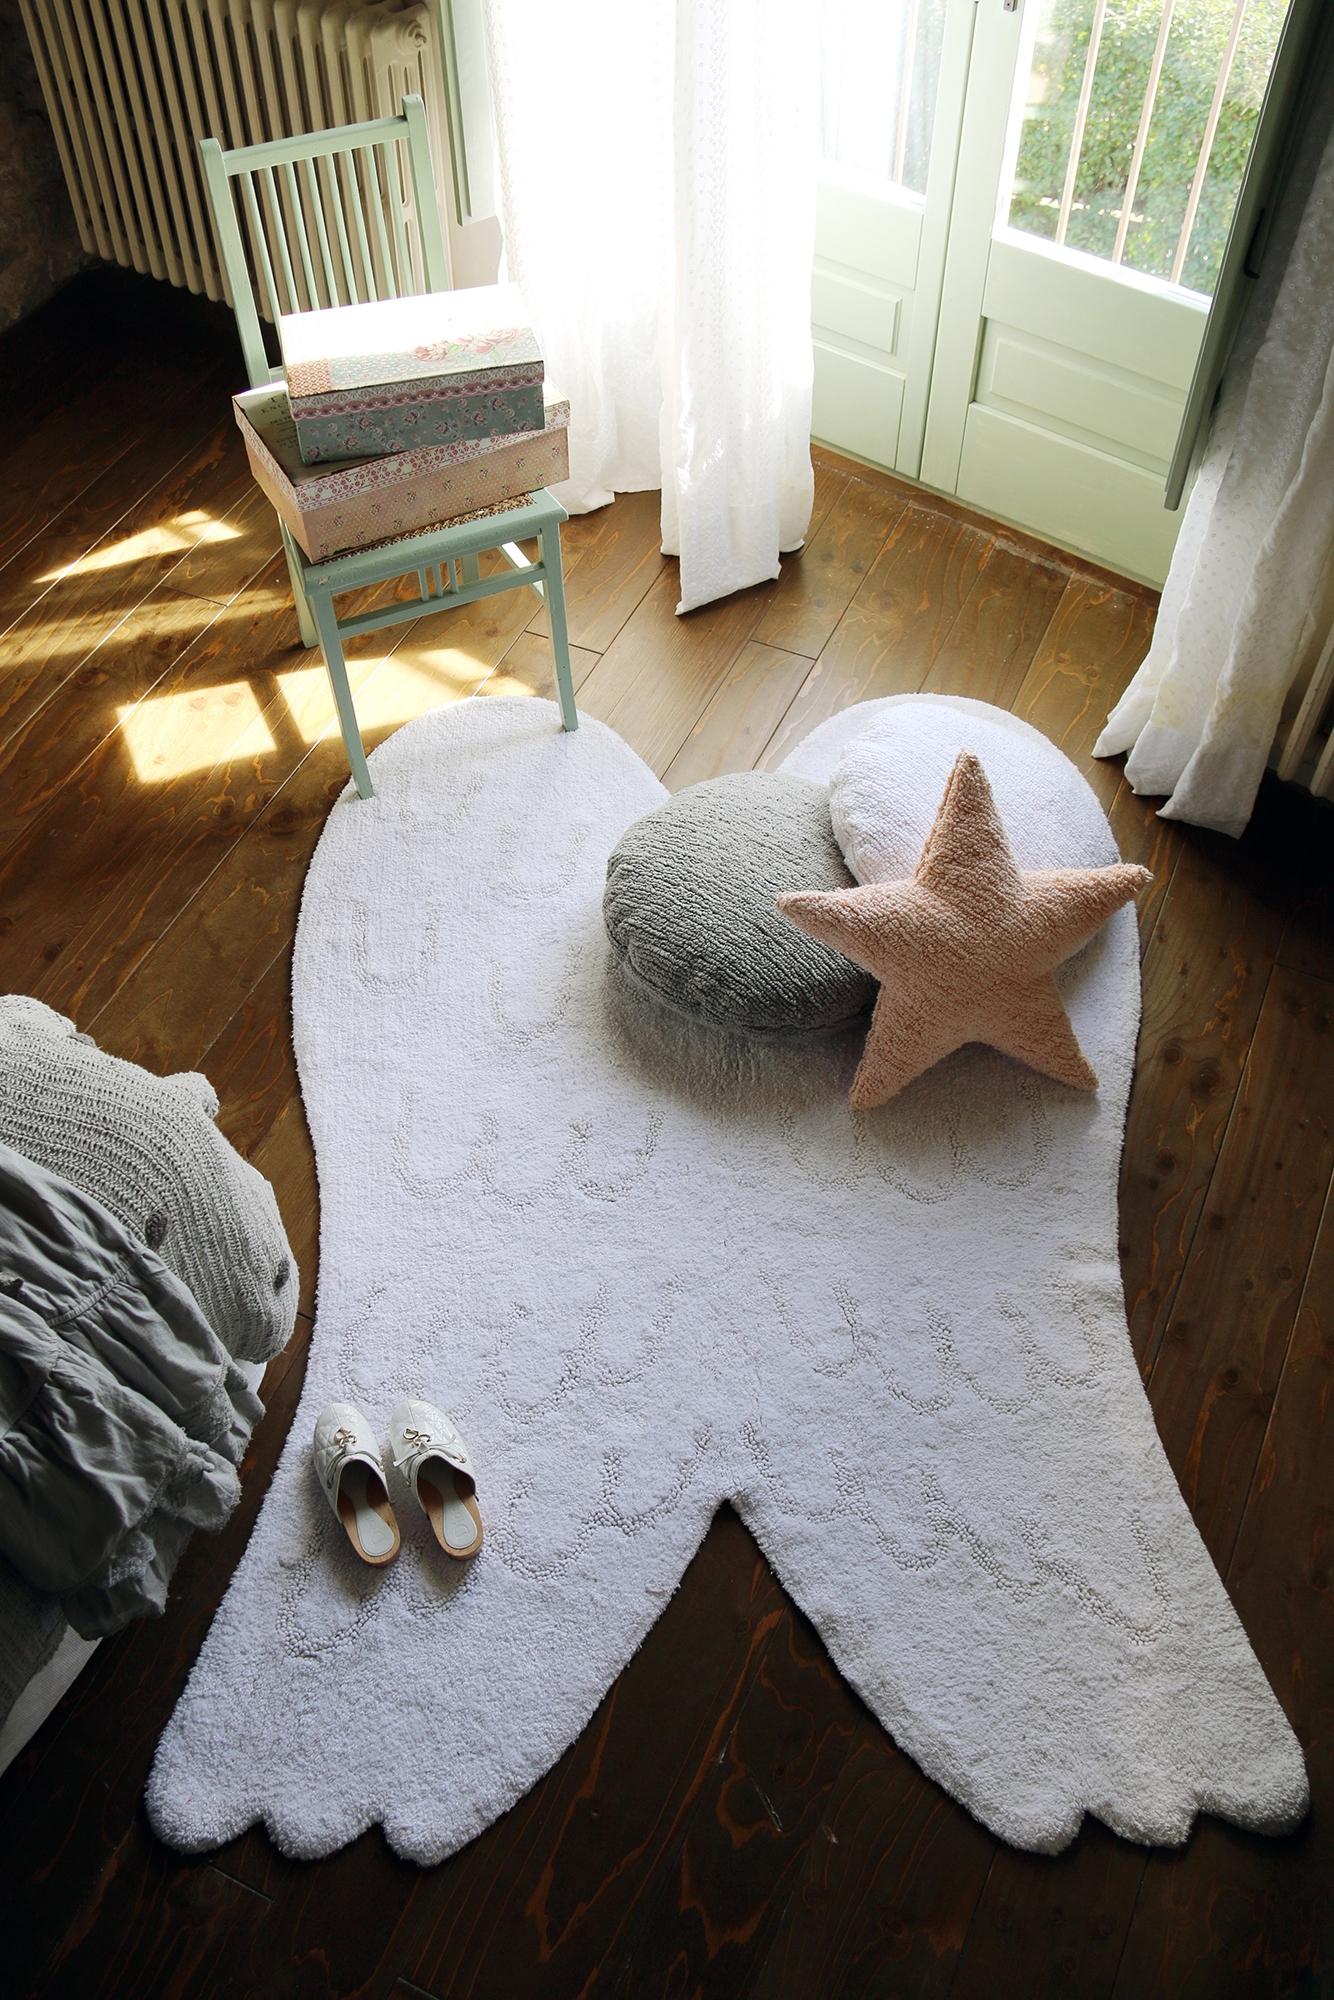 Tapis enfant AILES SILHOUETTE 120x160cm en coton lavable - LORENA CANALS